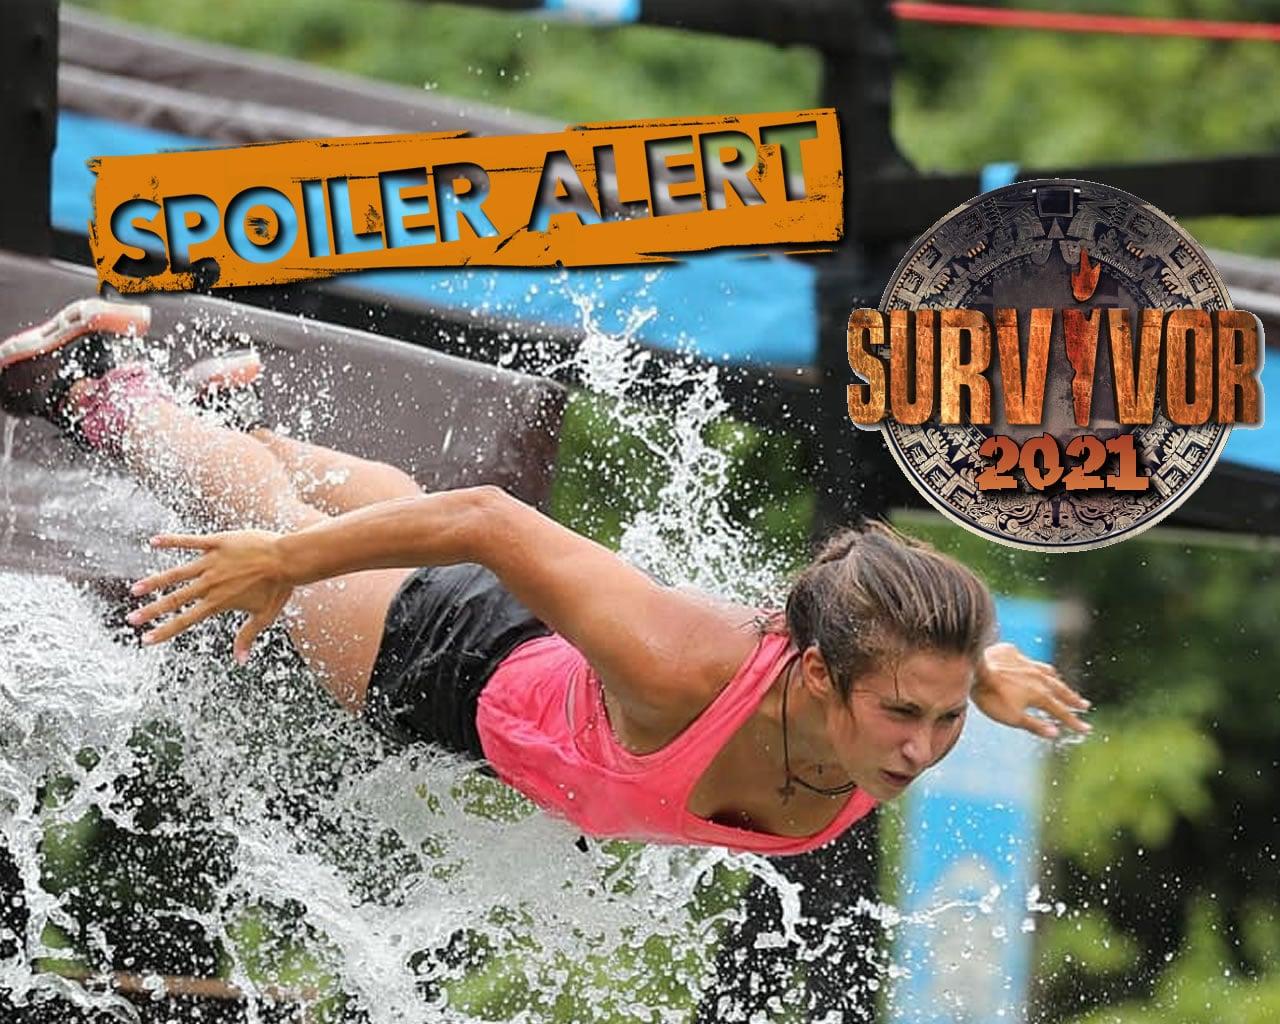 Survivor, Survivor 4,Survivor spoiler,Survivor 2021, Survivor διαρροή,,